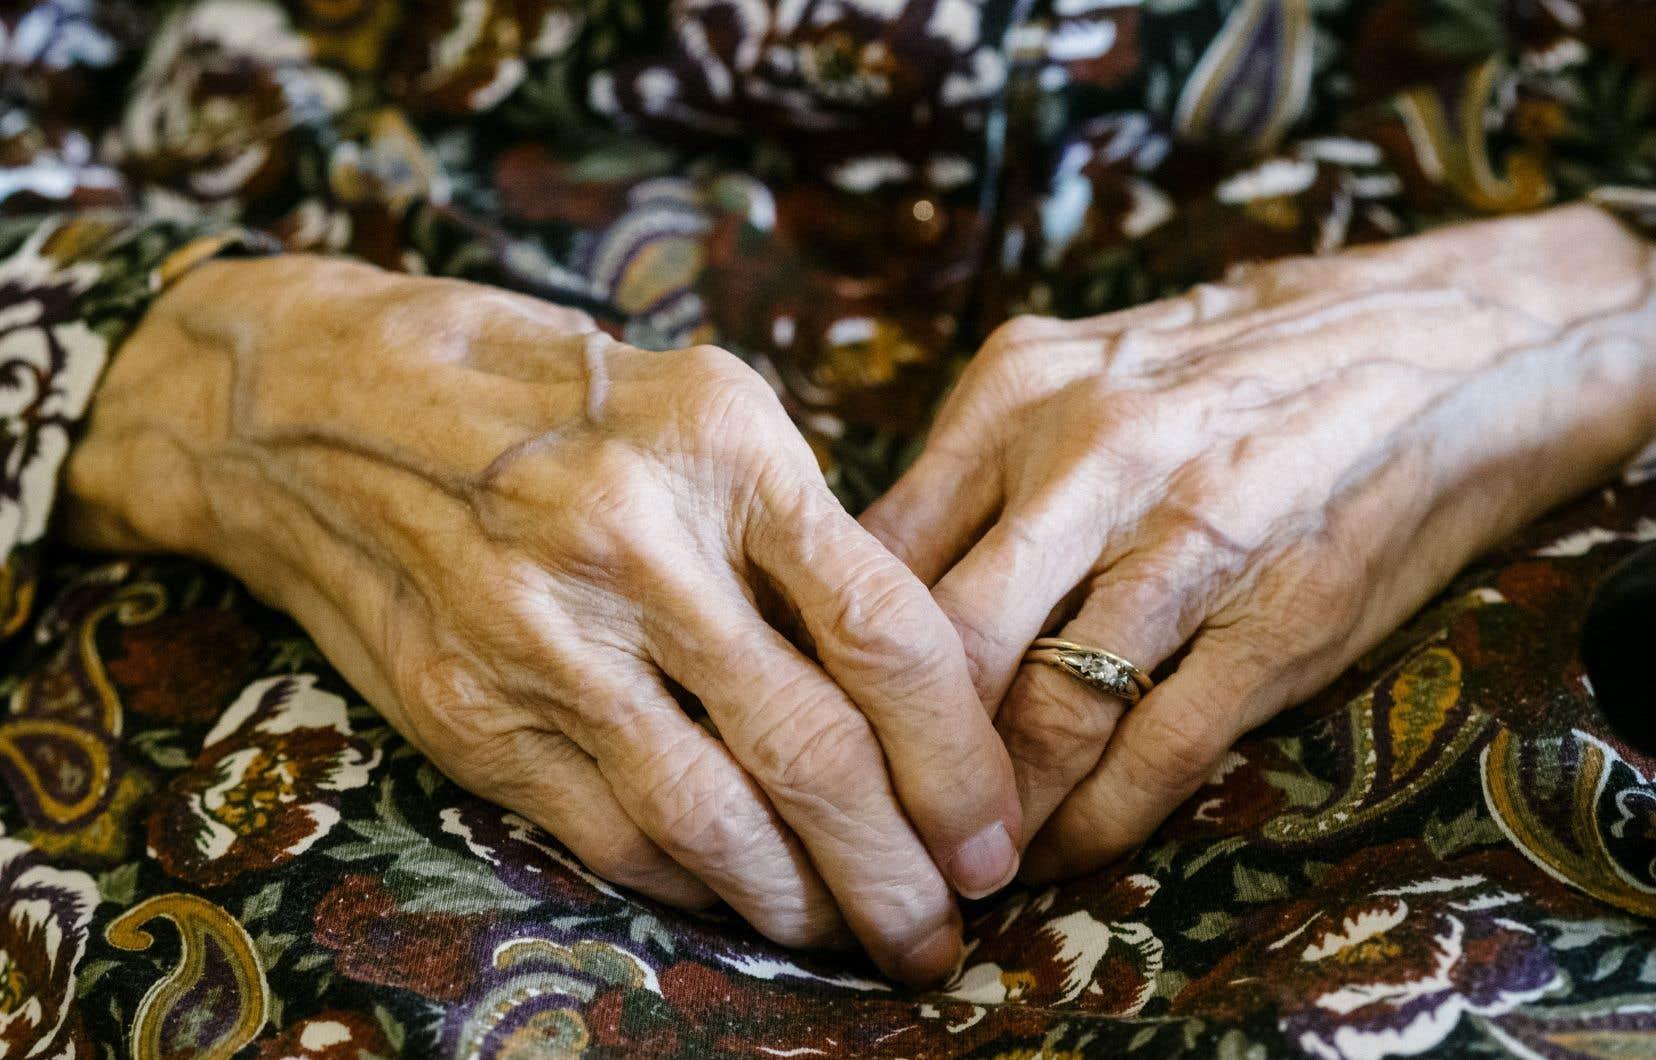 L'isolement social et la solitude seraient aussi risqués pour la santé que le tabagisme ou l'obésité. Une analyse de 70 études a montré que le fait d'être isolé, de se sentir seul ou de vivre seul, quel que soit son âge, augmente de presque 30% ses probabilités de mourir prématurément.